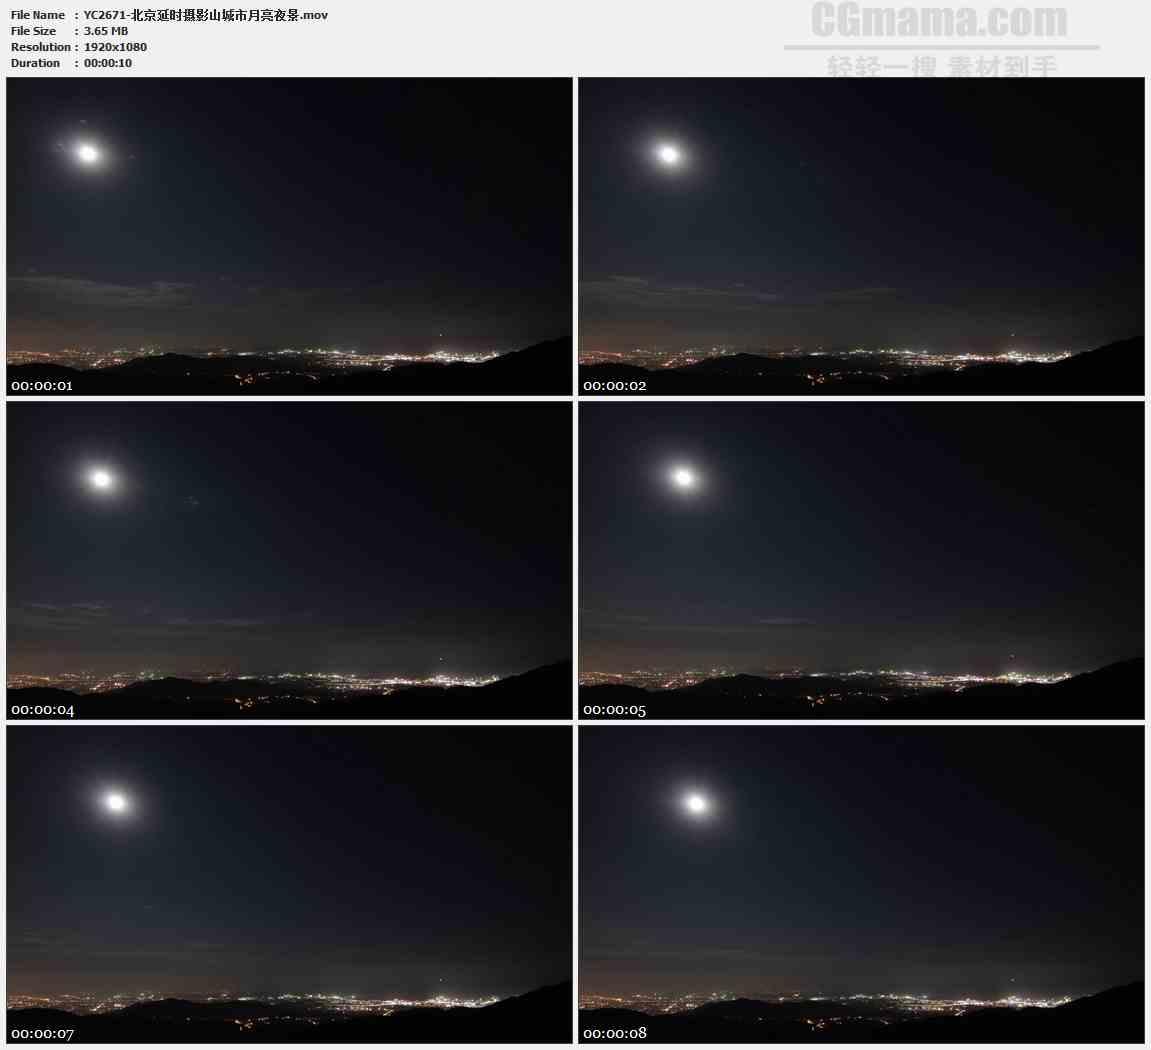 YC2671-北京延时摄影山城市月亮夜景高清实拍视频素材